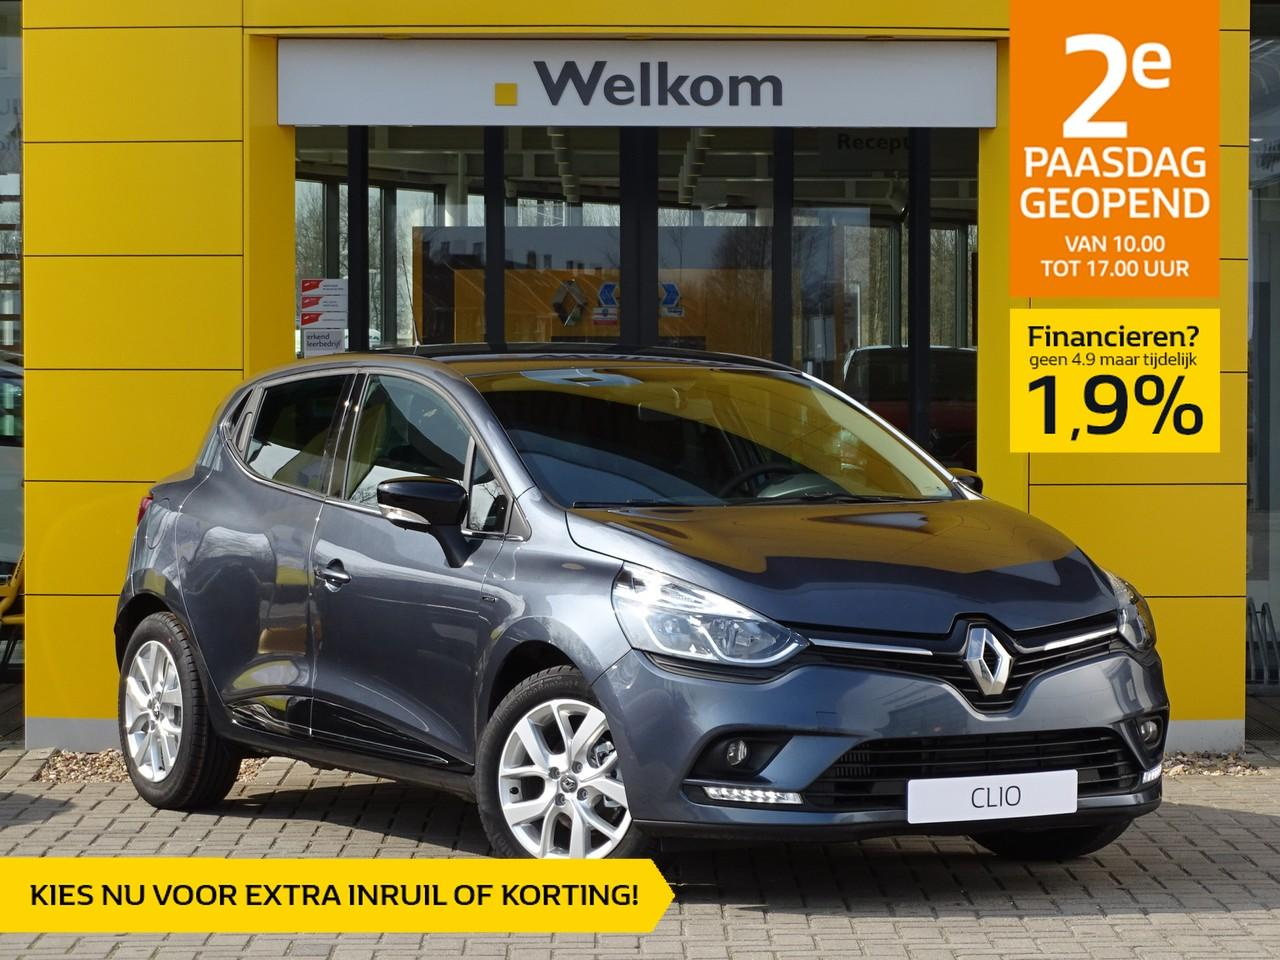 Renault Clio Tce 90pk limited normaal rijklaar 19.795,- nu rijklaar 17.495,-